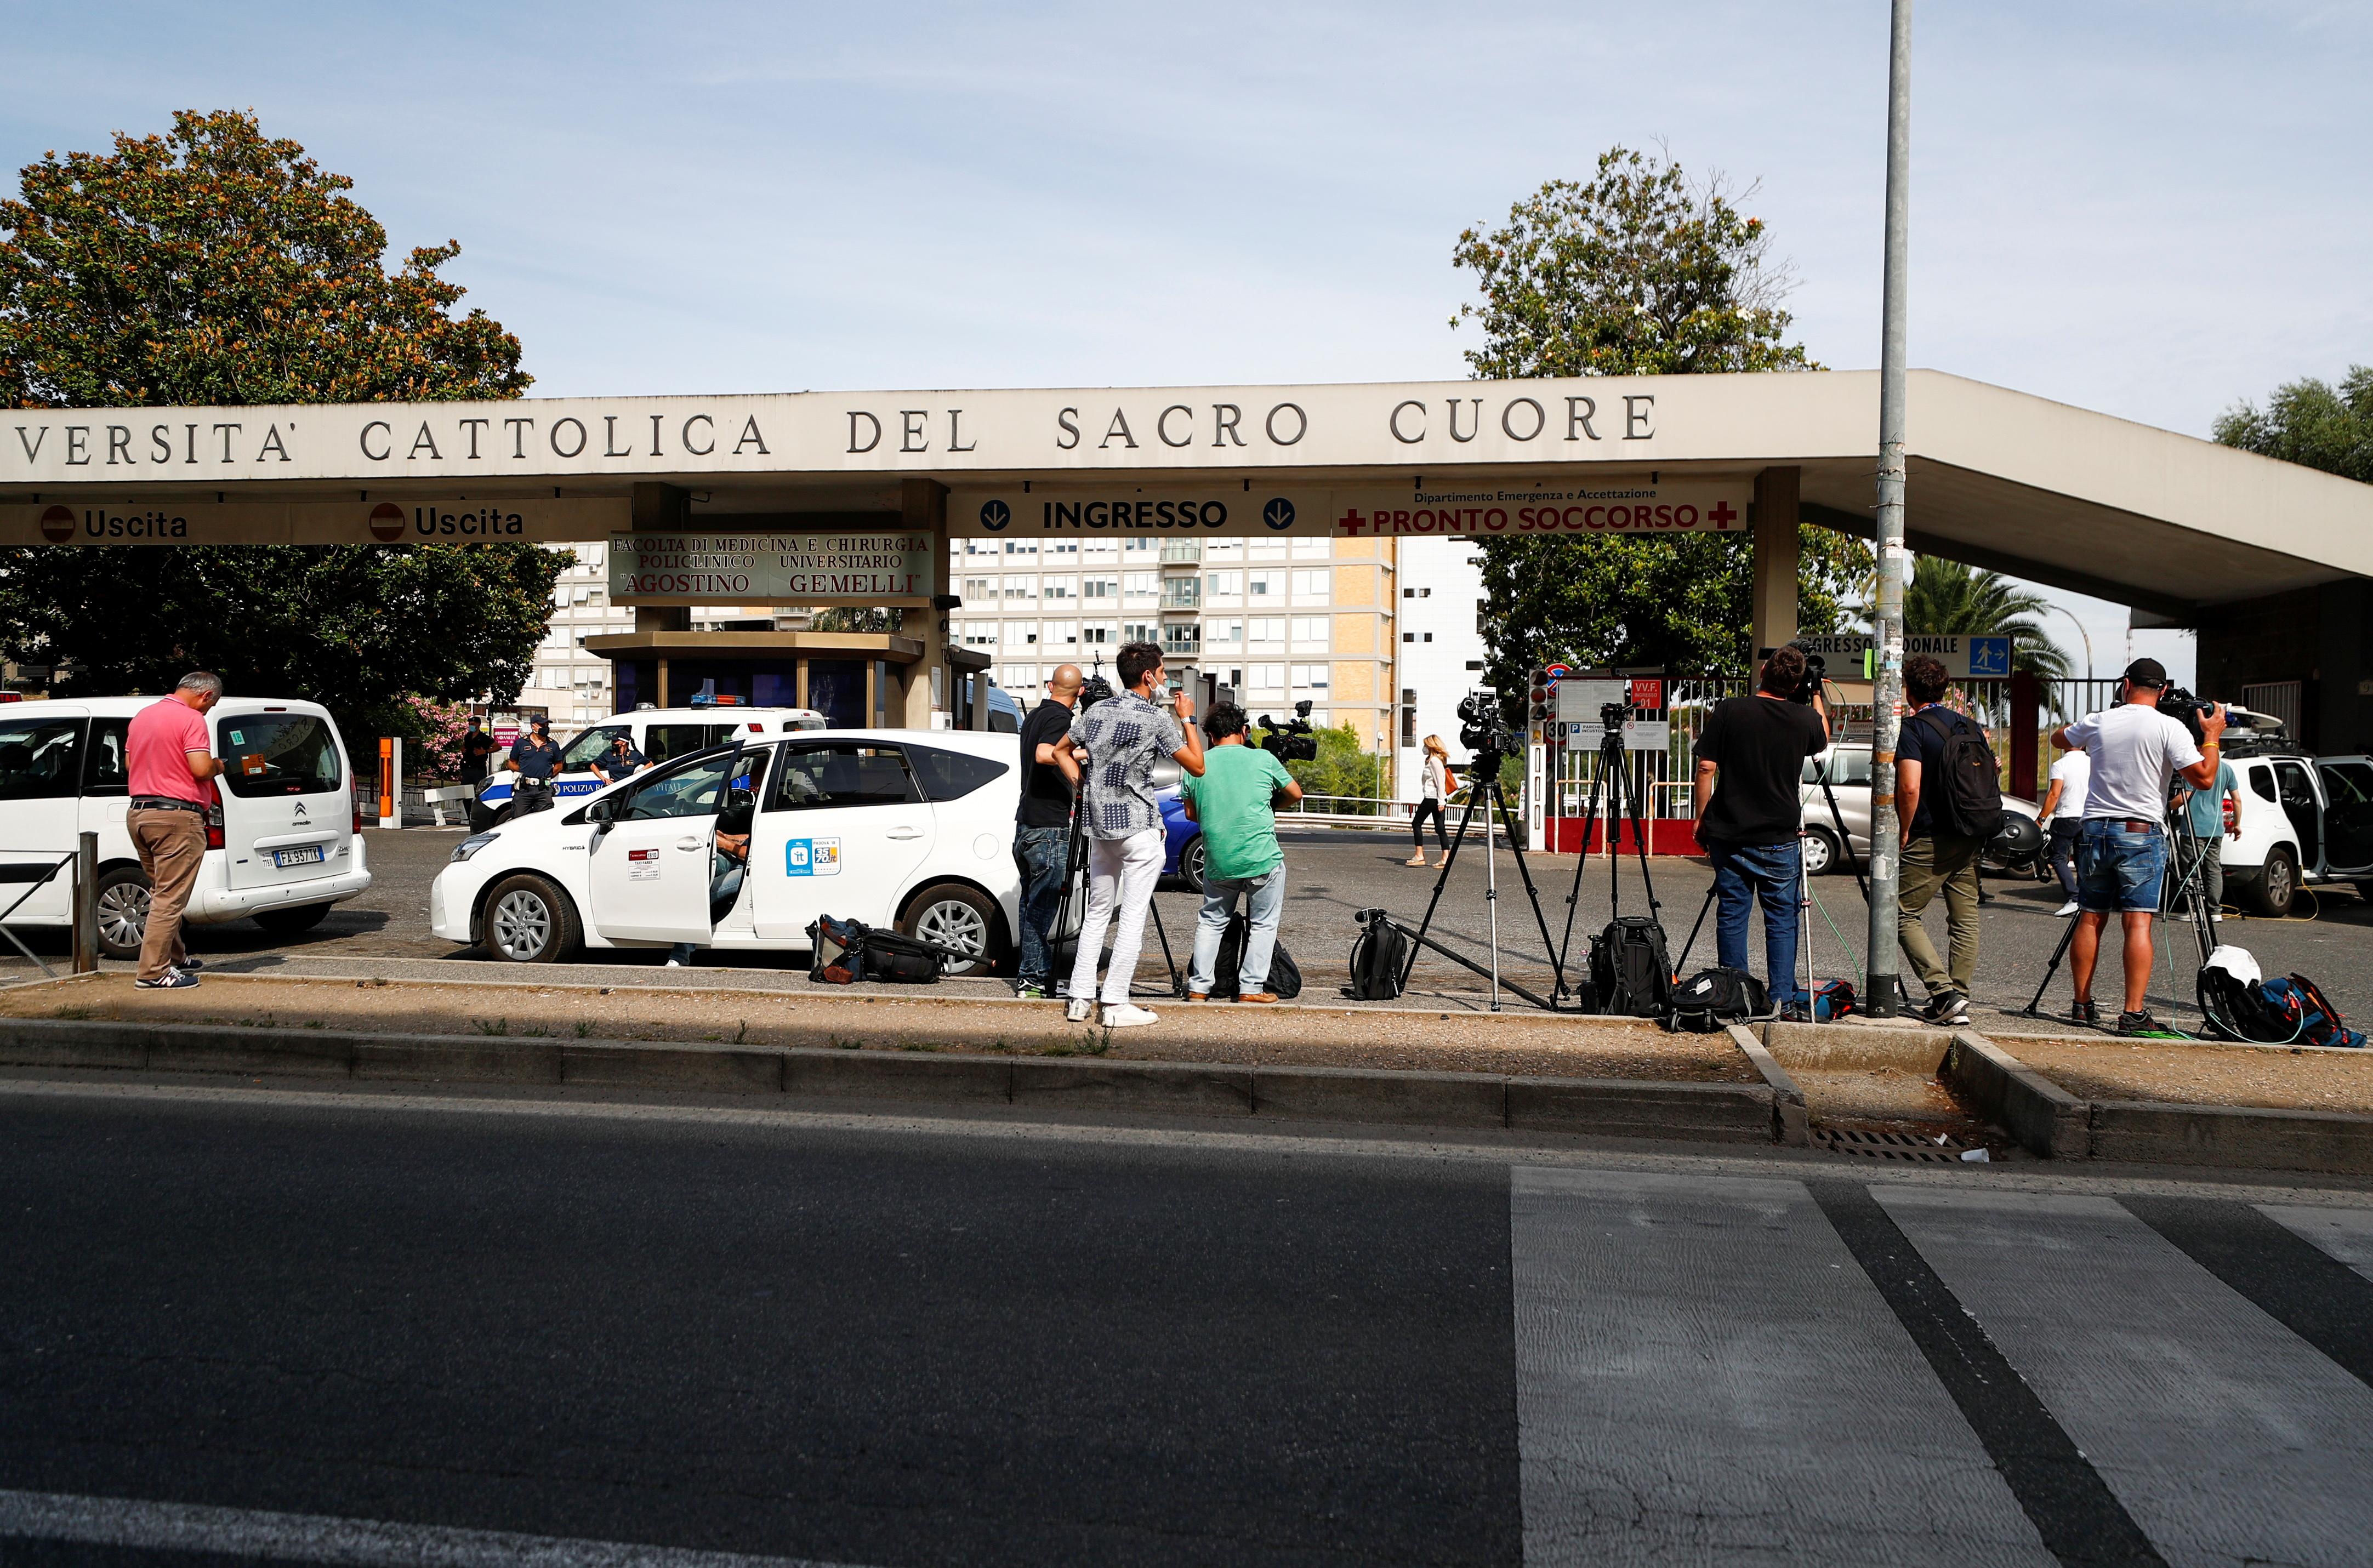 Լրատվամիջոցների անդամները հավաքվում են emեմելիի հիվանդանոցի մոտ, որտեղ Հռոմի պապ Ֆրանցիսկոսը ընդունվել է Հռոմում, 4 թ. Հուլիսի 2021-ին, իր աղիքային աղիքի «պլանային վիրահատության» համար: REUTERS / Guglielmo Mangiapane